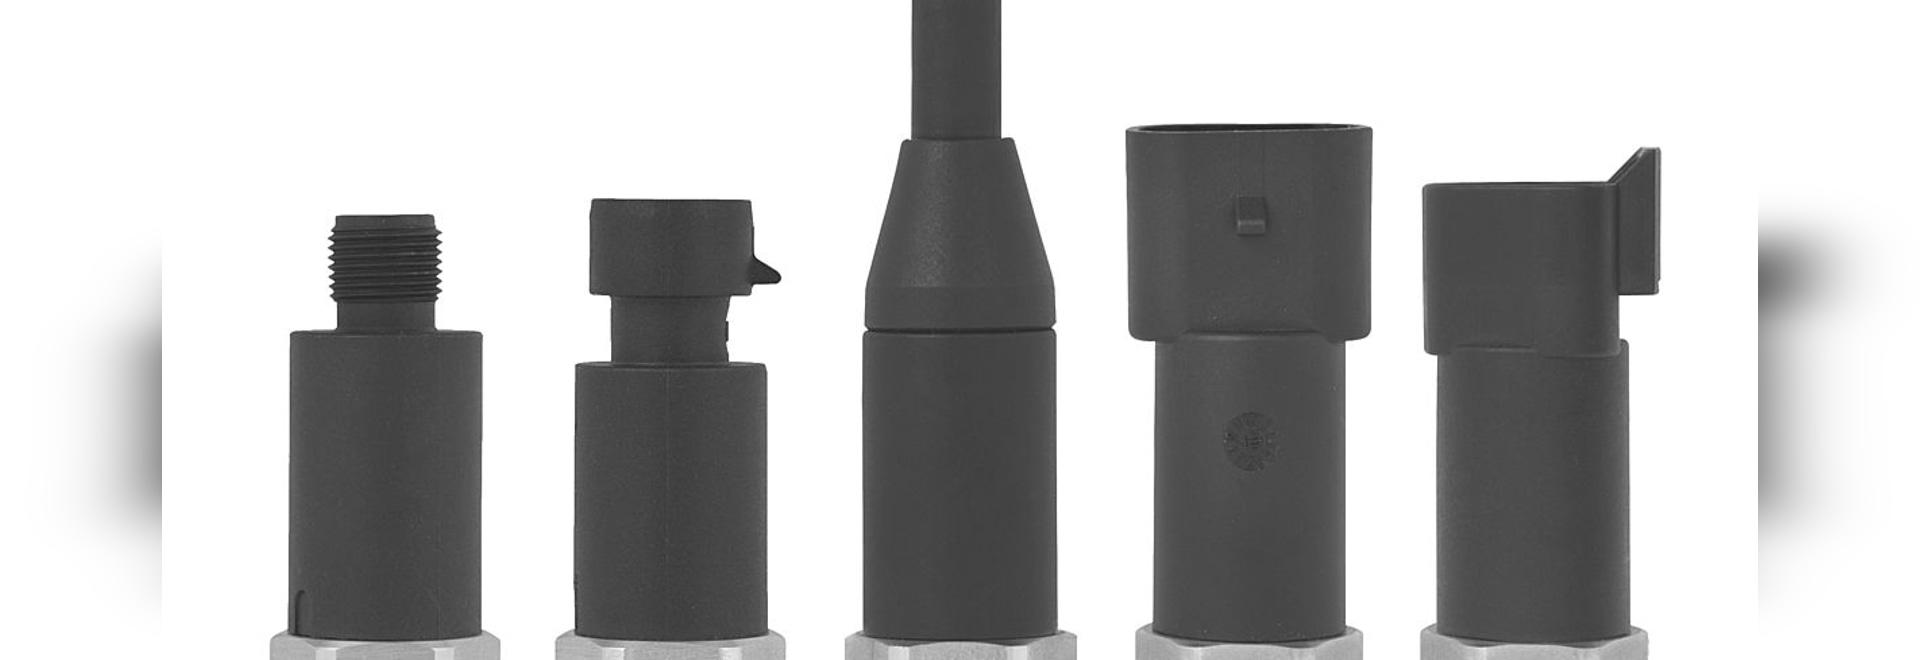 MH-3: Neuer Druckmessumformer für mobile Arbeitsmaschinen